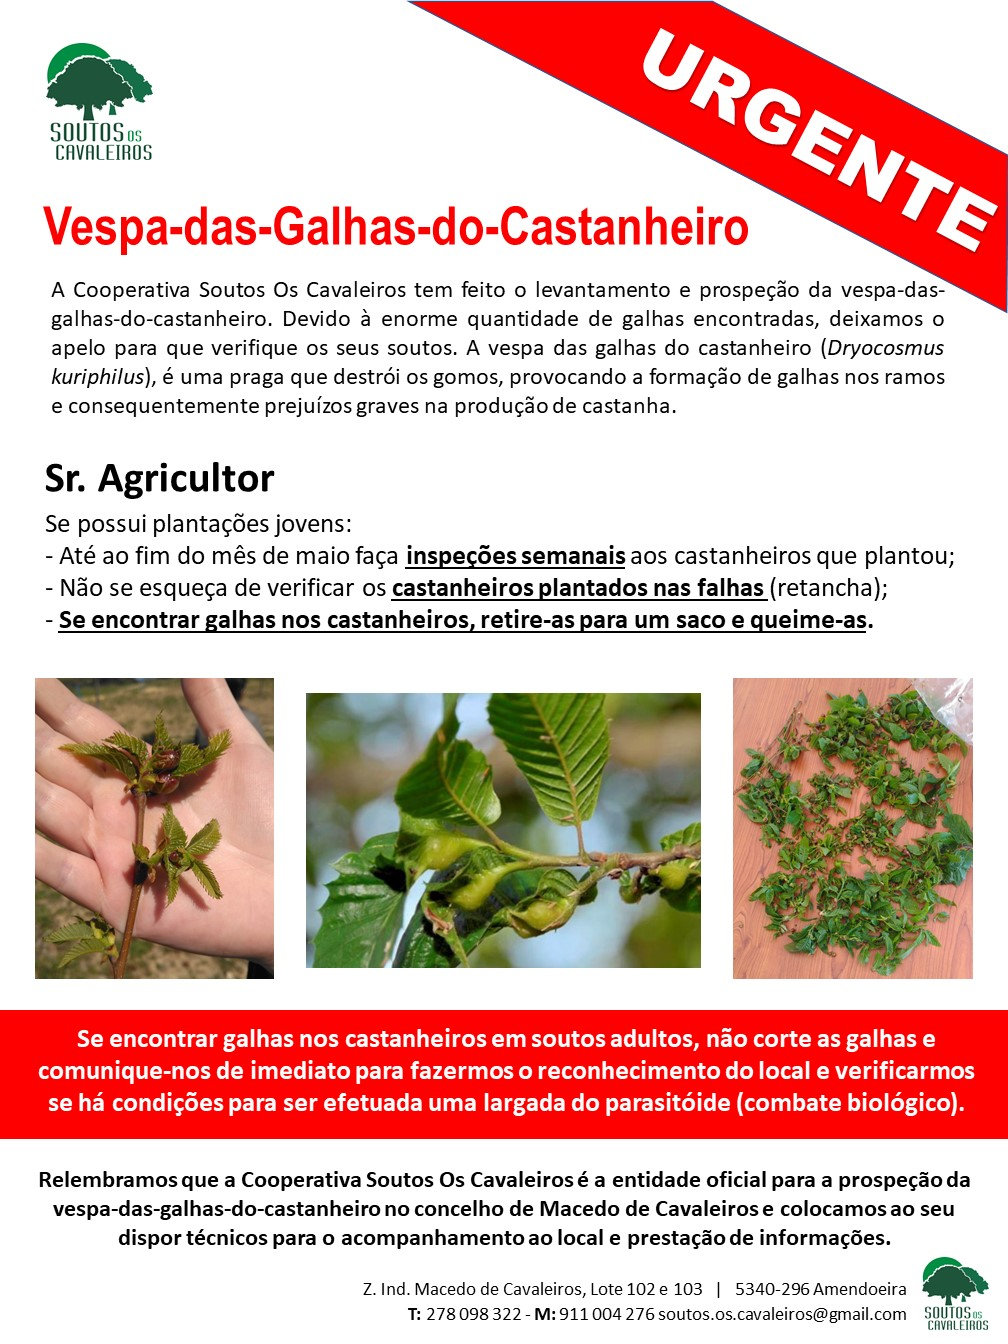 VESPA-DAS-GALHAS-DO-CASTANHEIRO